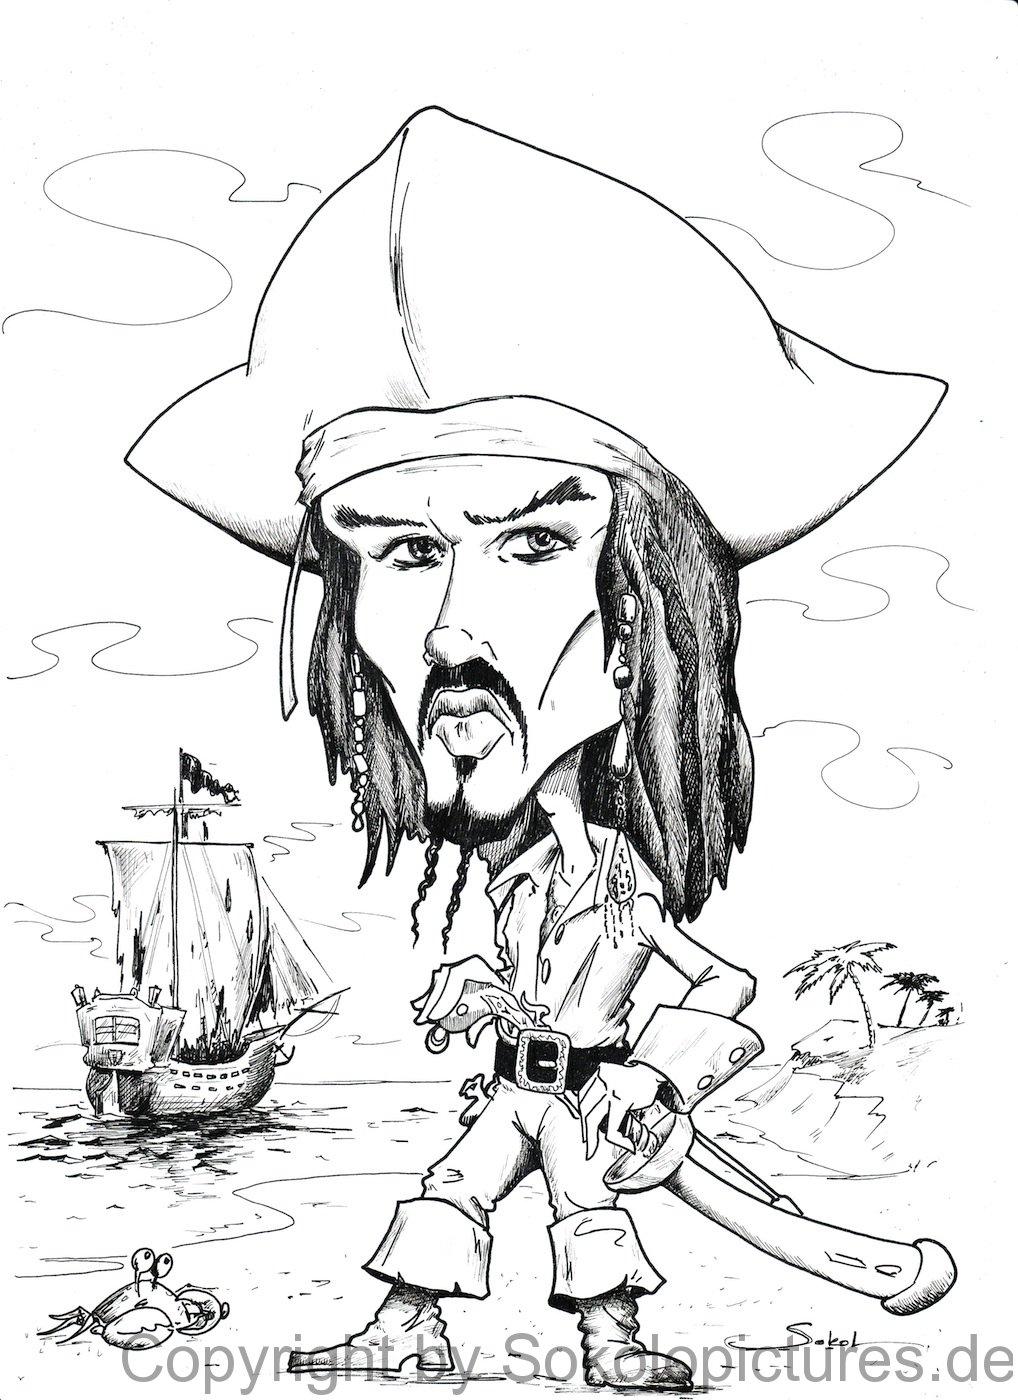 karikatur021